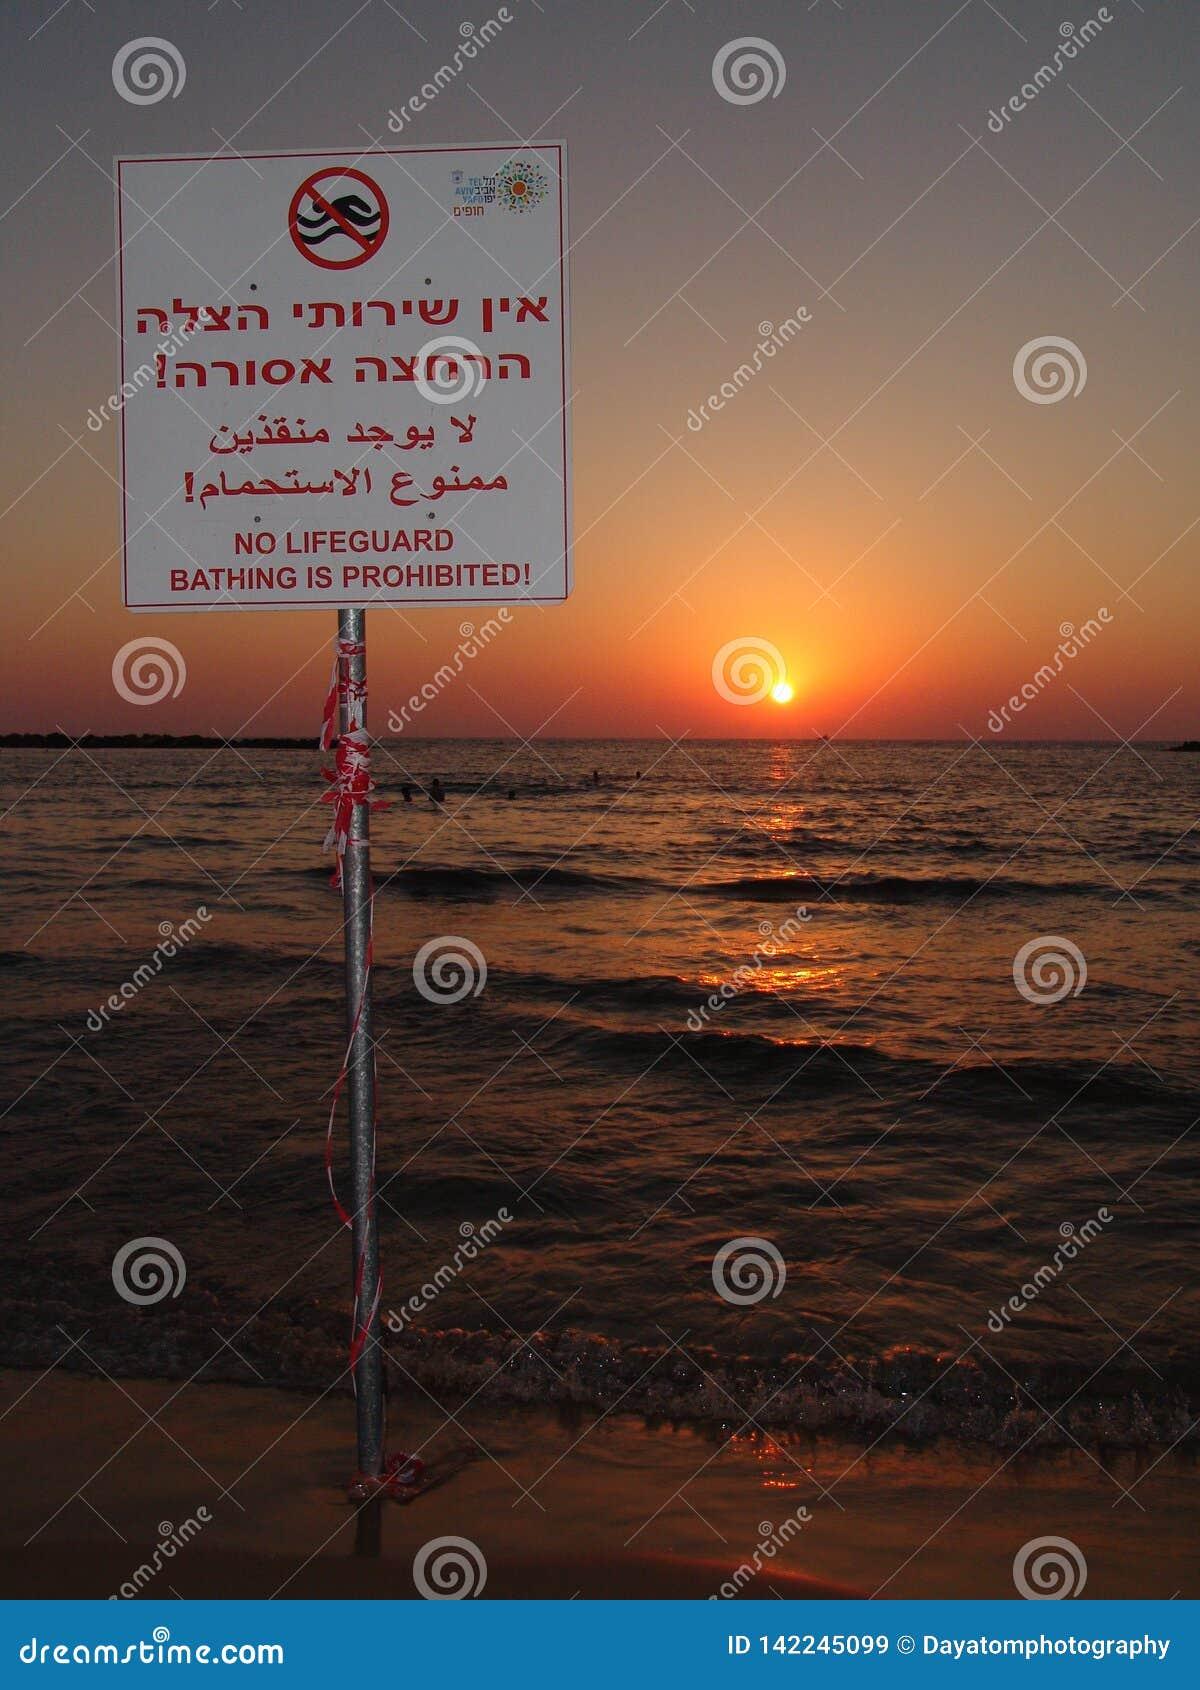 Kein Leibwächter, schwimmendes verbotenes Zeichen auf einem Tel Aviv-Strand an warmem, Sommersonnenuntergang